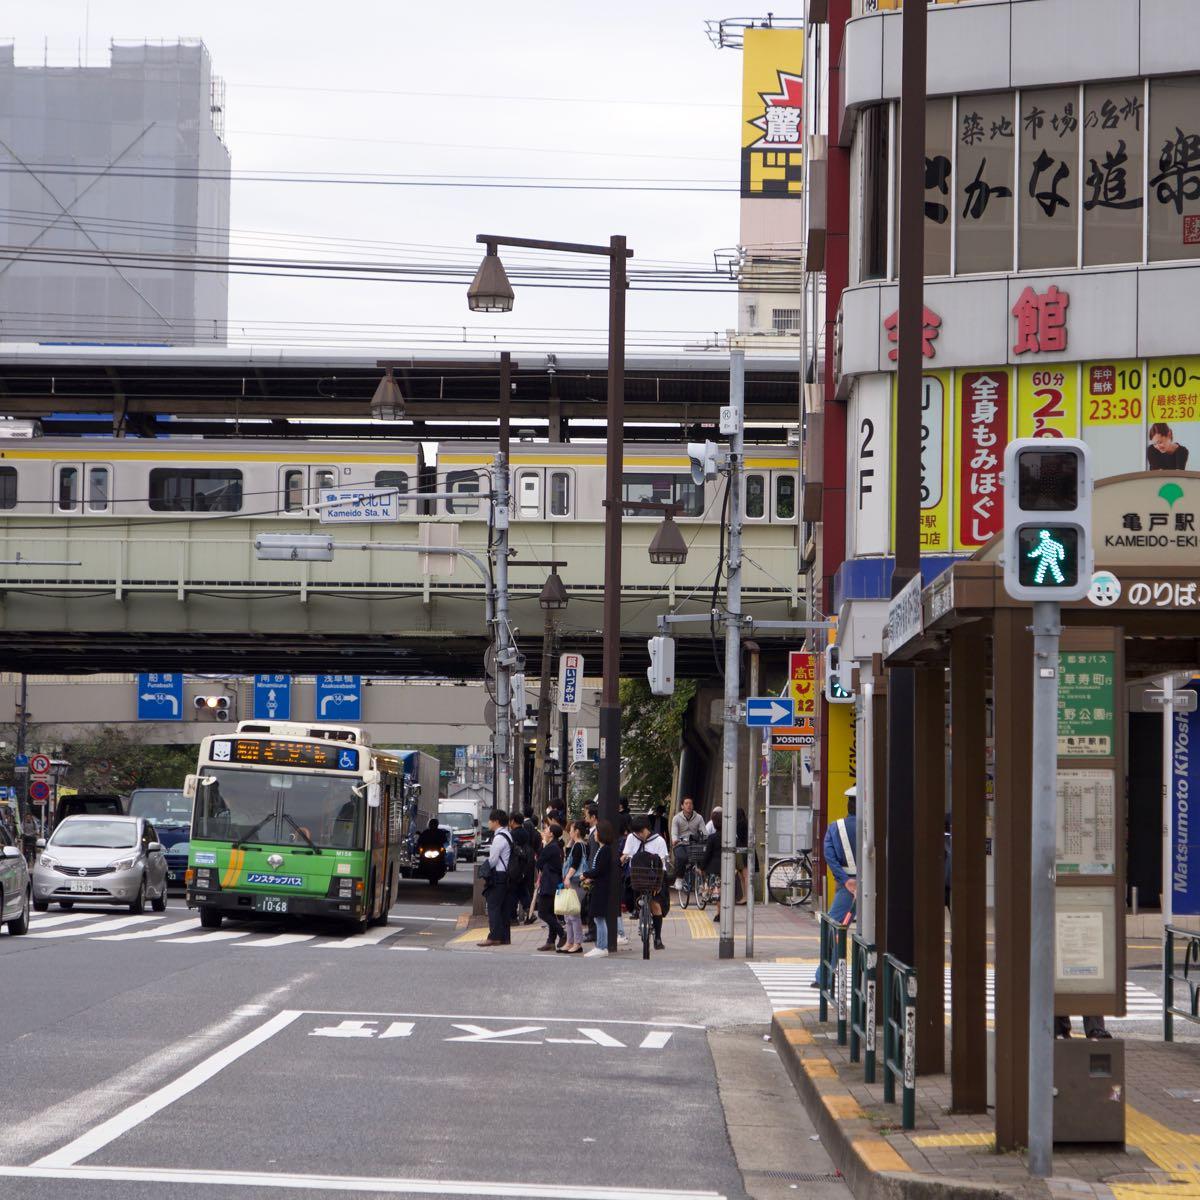 朝の亀戸駅北口 東京は午後から雨の予報